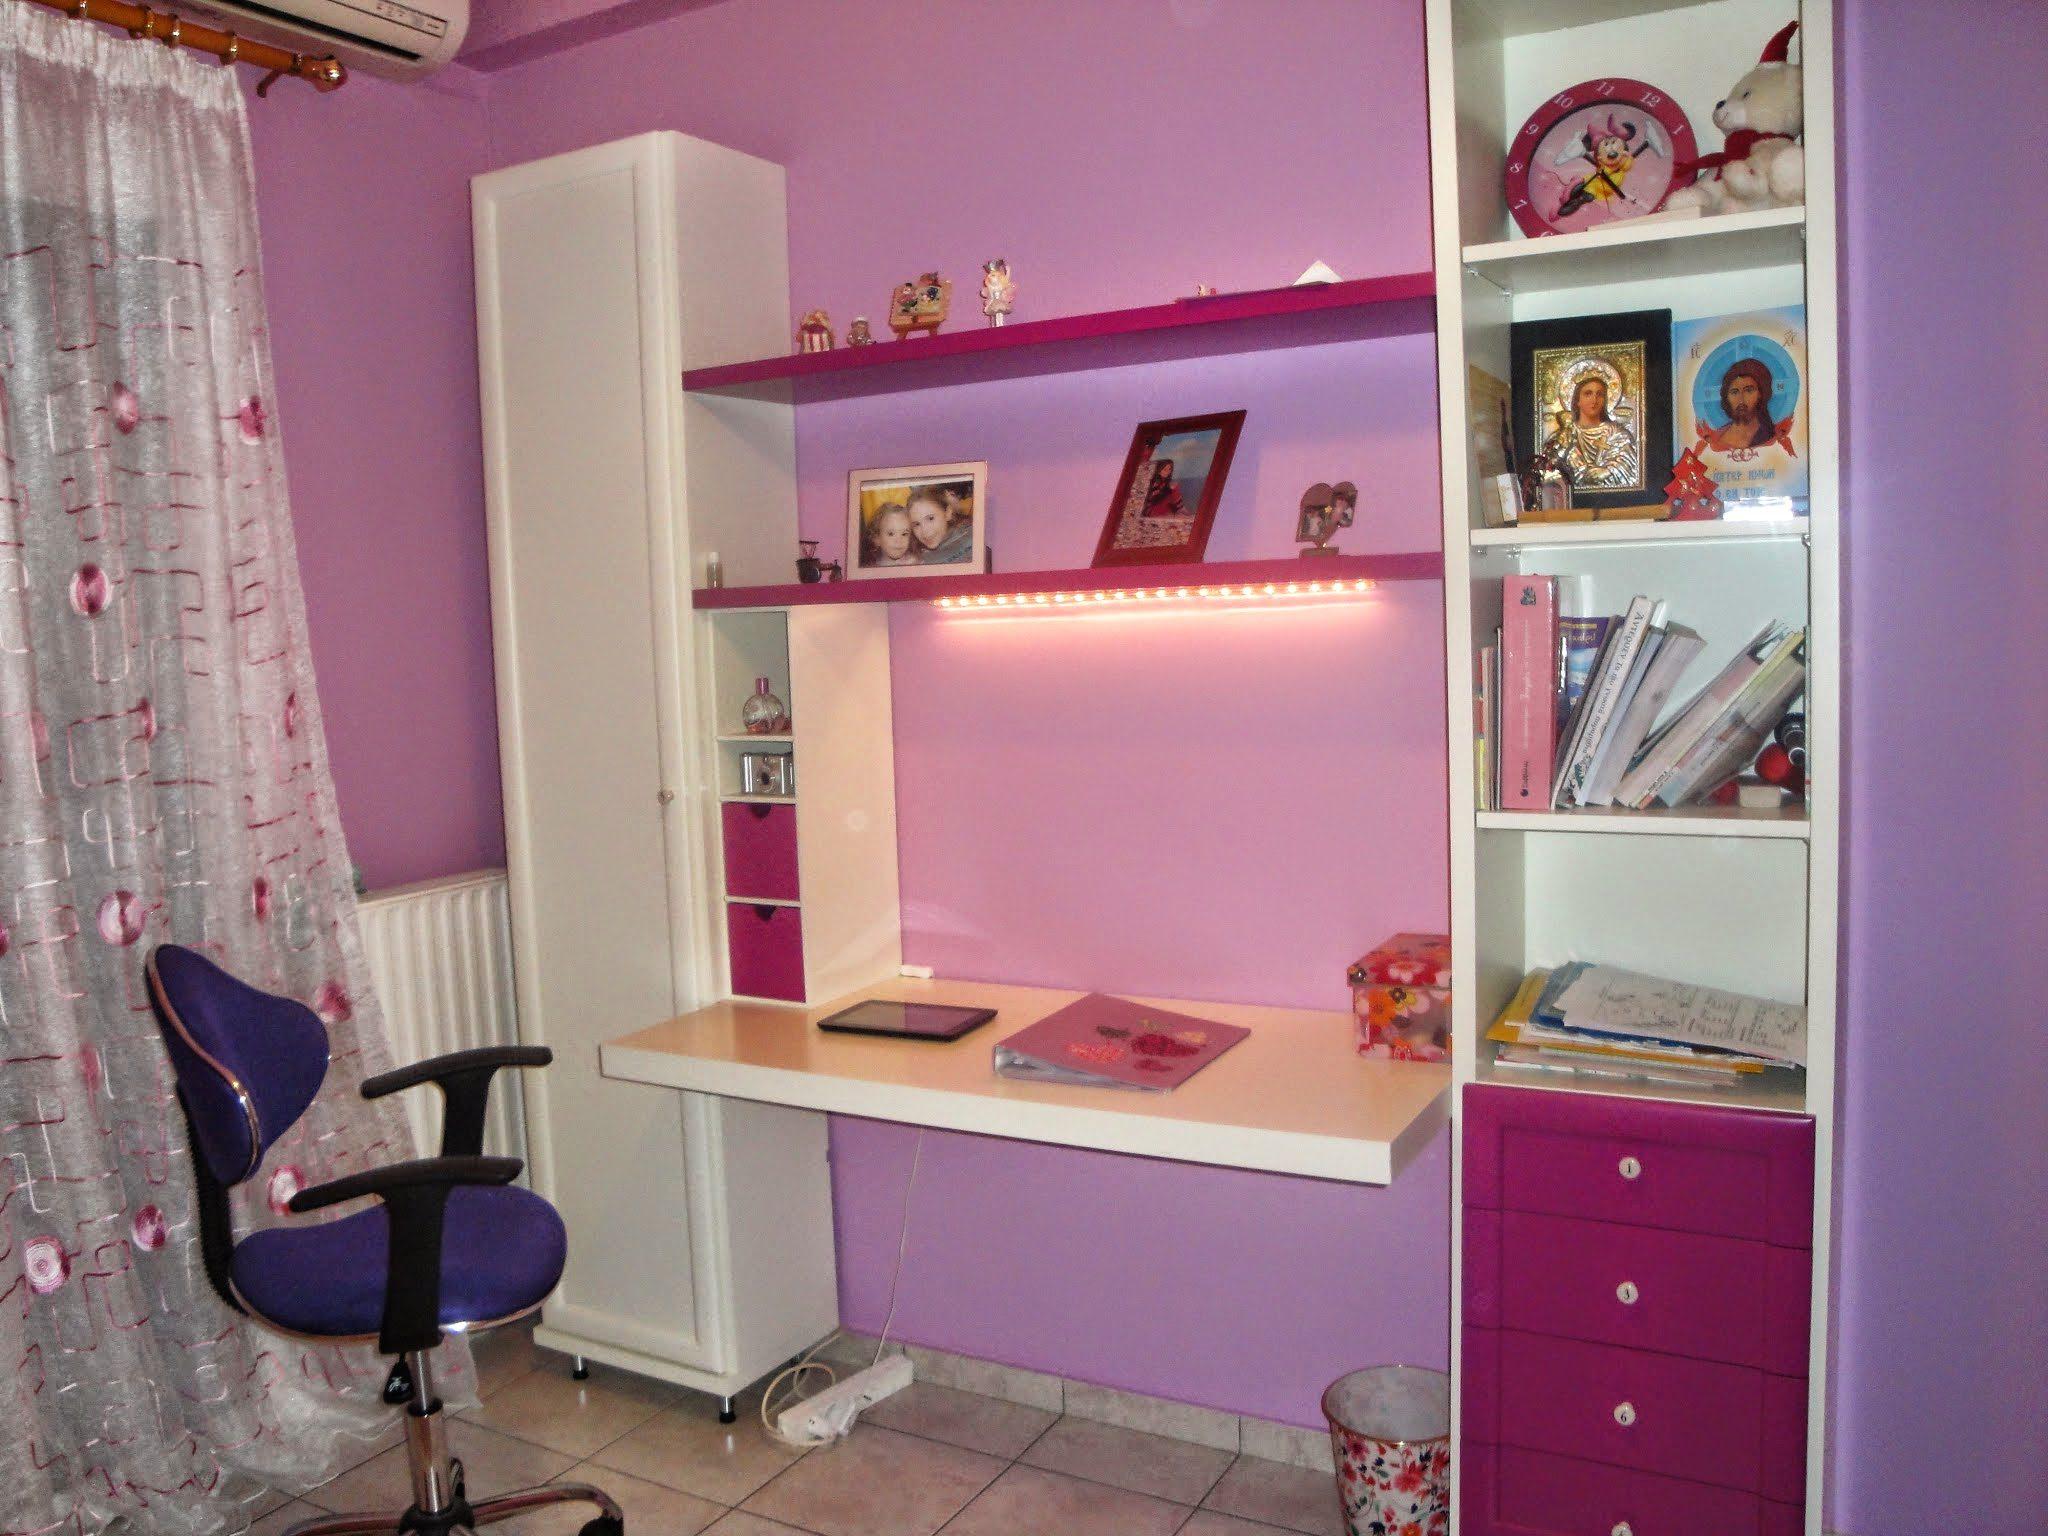 Παιδική βιβλιοθήκη-γραφείο με απαλά και φωτεινά χρώματα